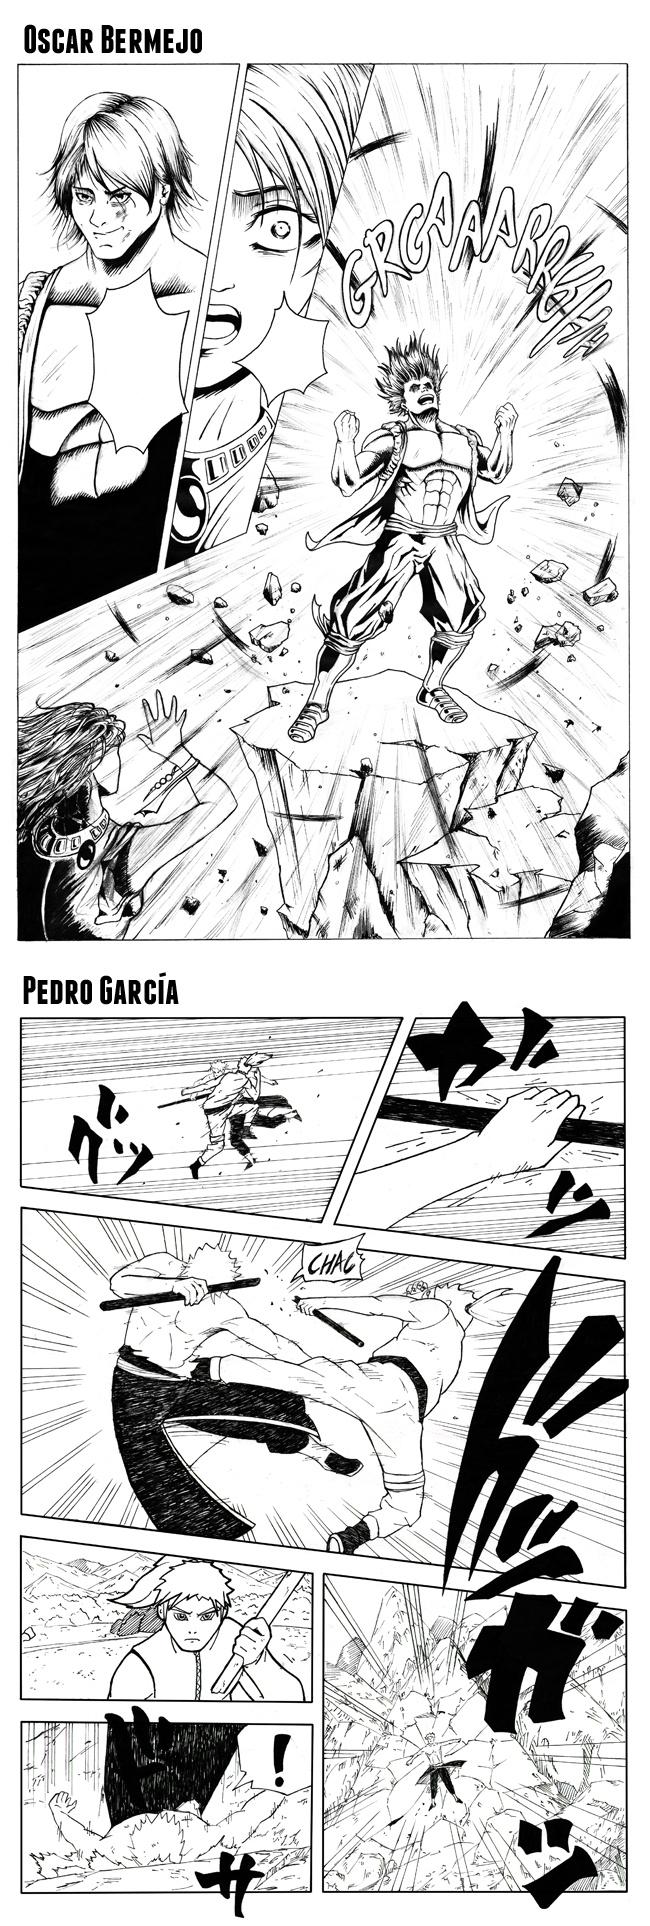 trabajos-alumnos-masterc10-curso-comic-madrid-academiac10